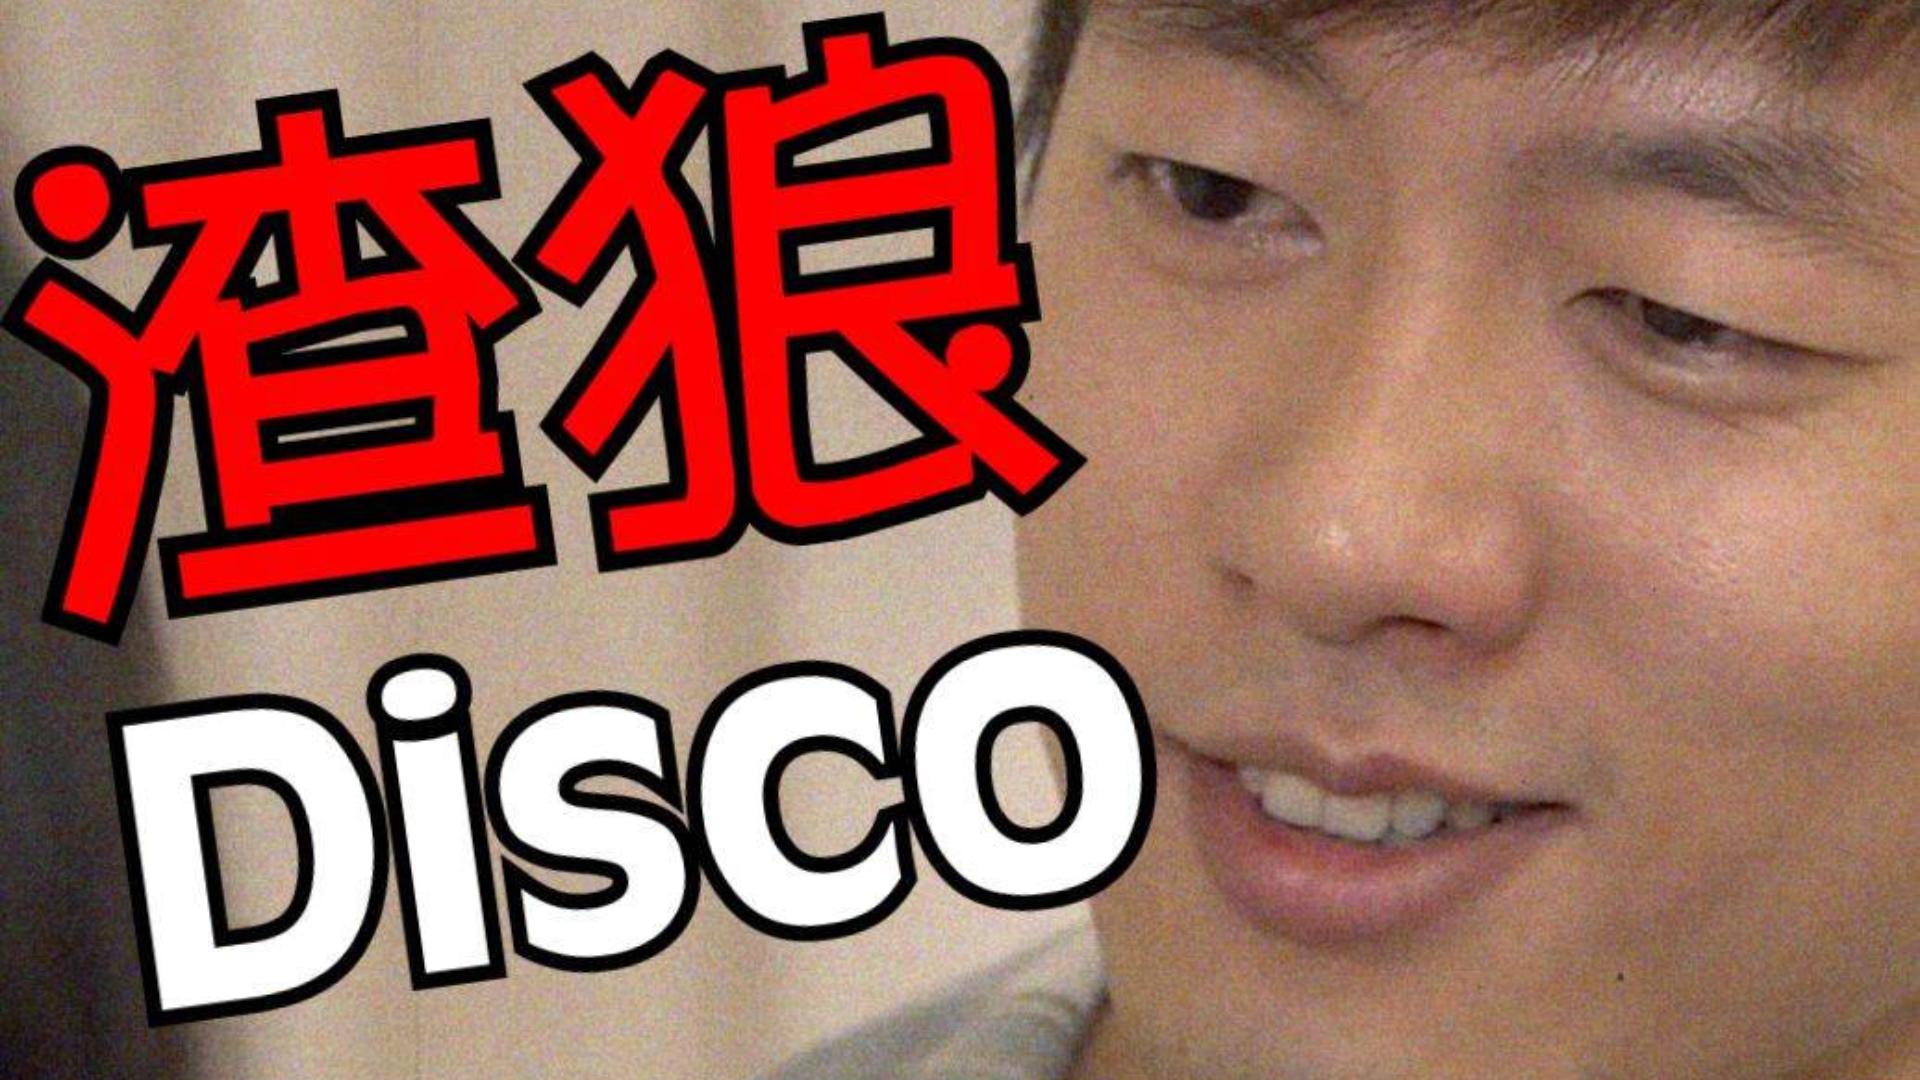 【洪世贤】渣狼disco-一个渣男的心路历程